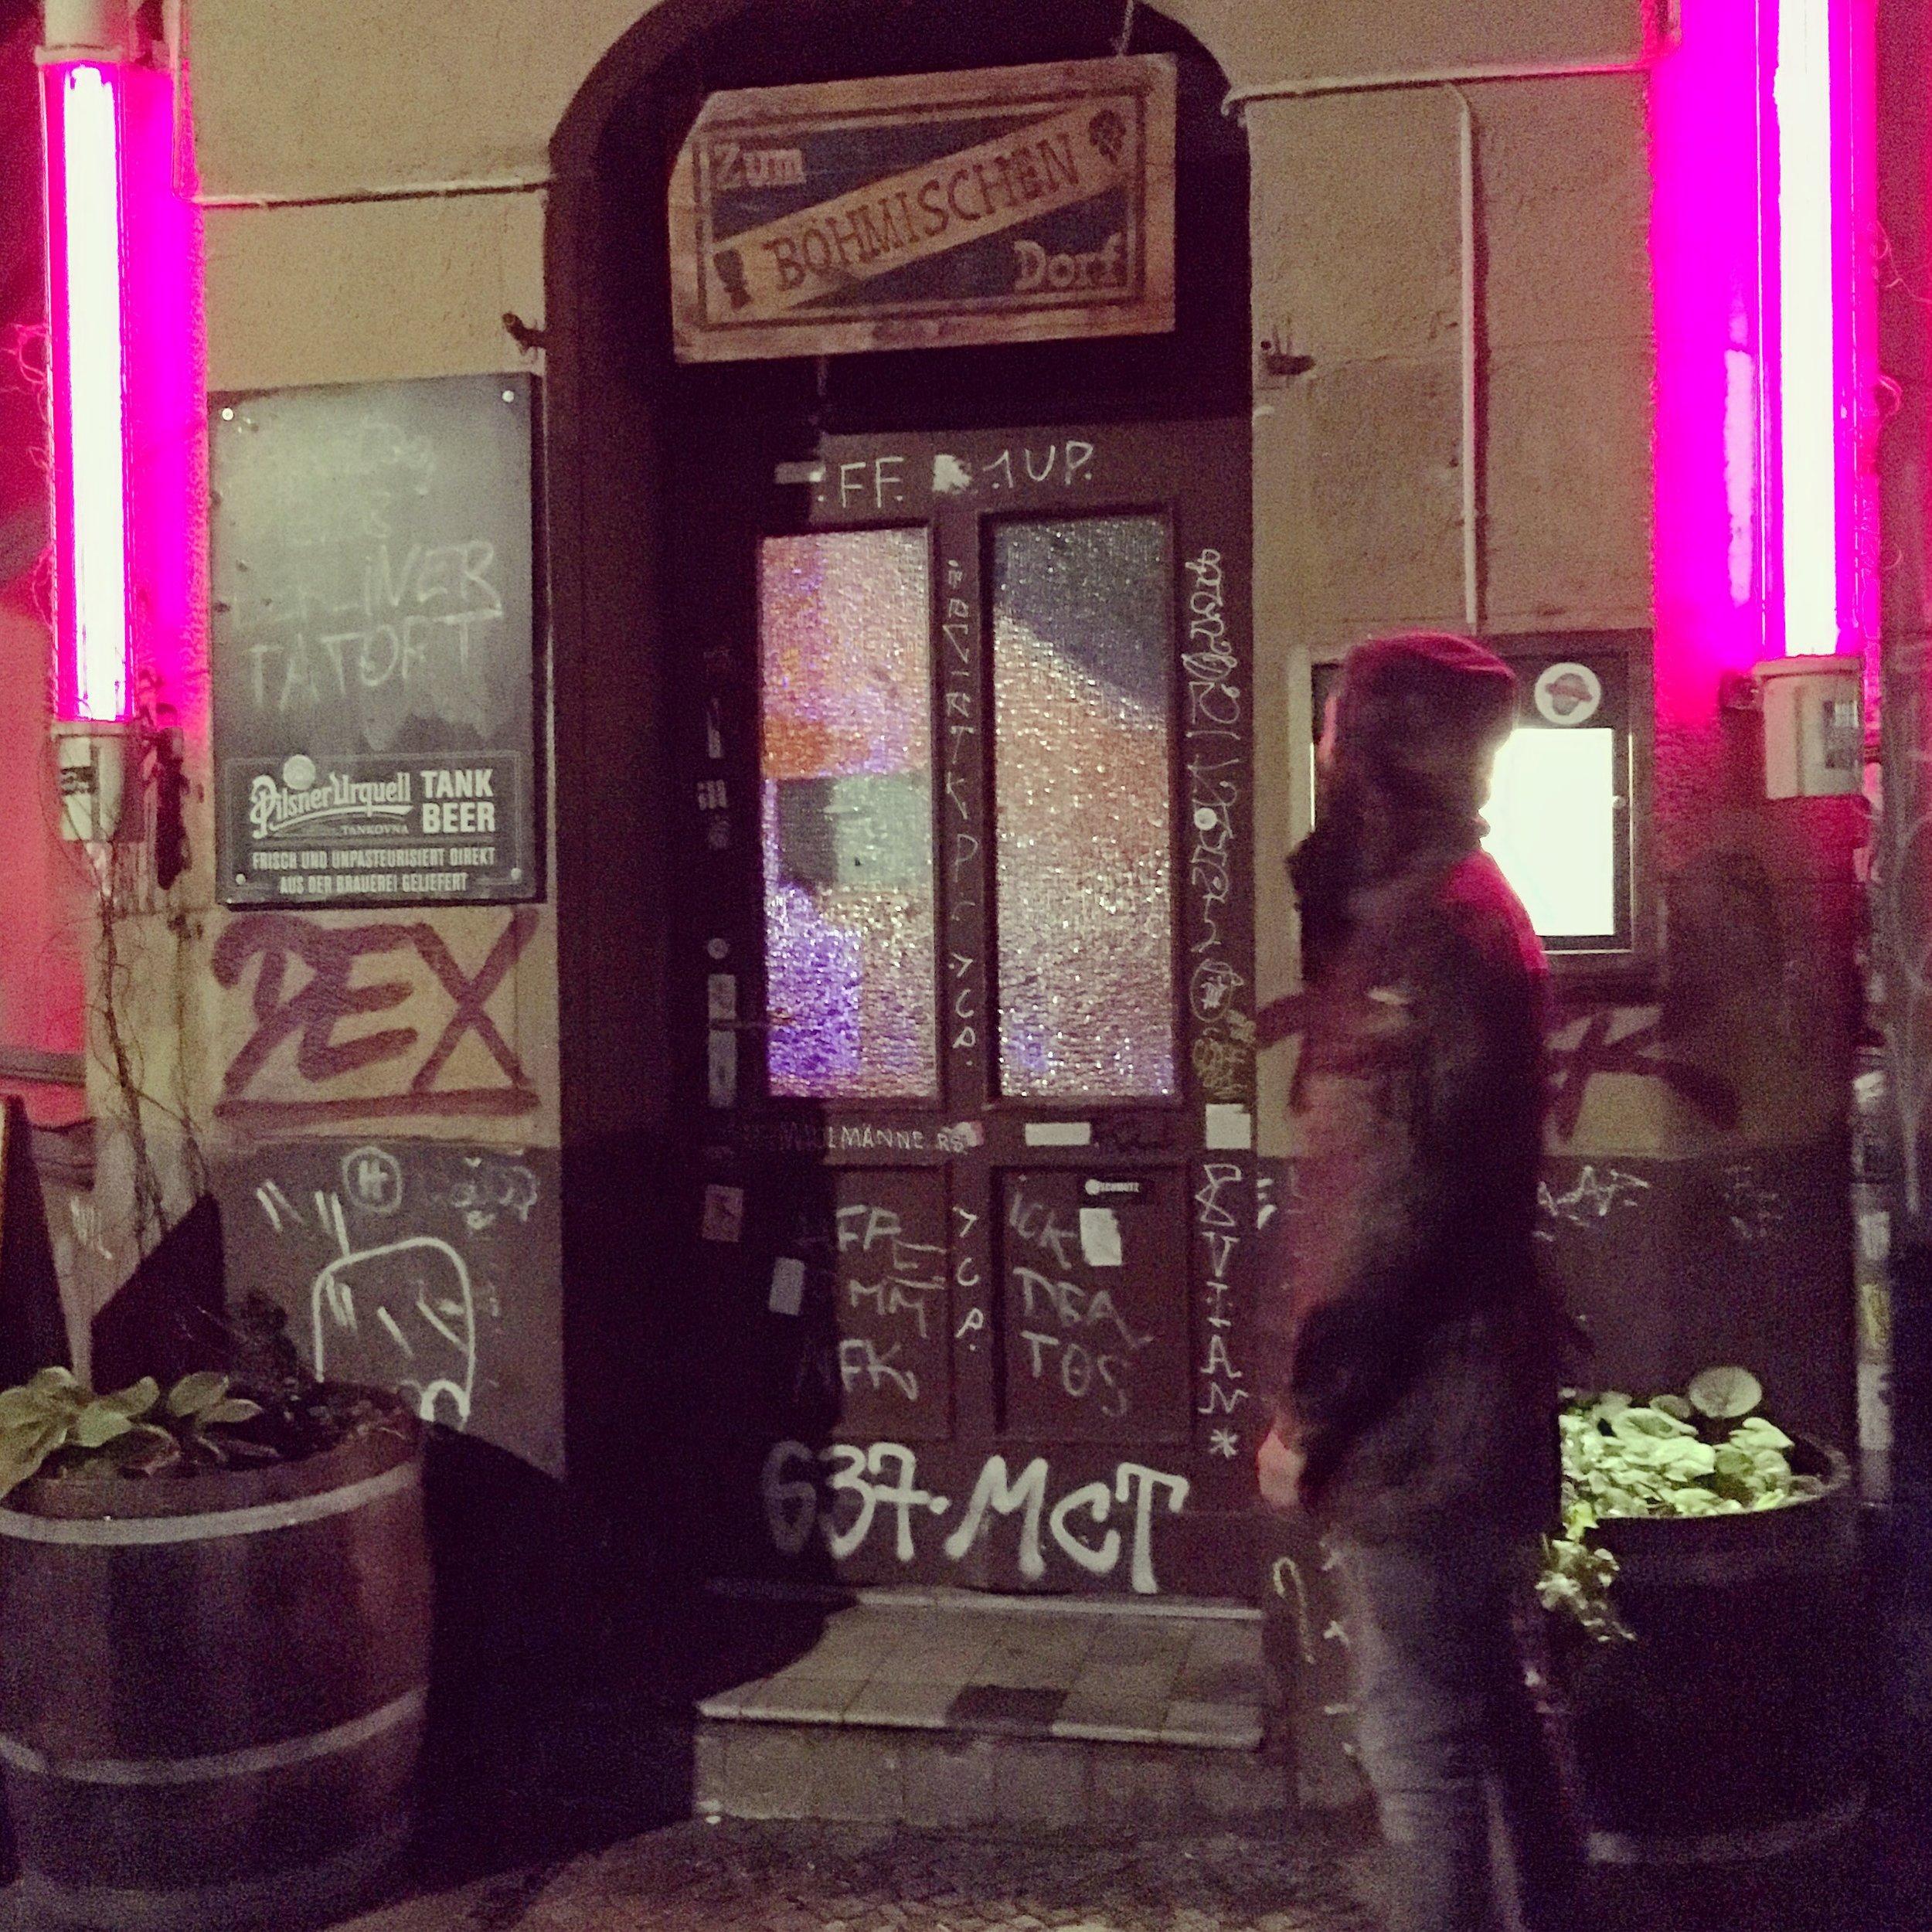 Zum-boemischen-Dorf-Bar-Berlin-Neukoelln